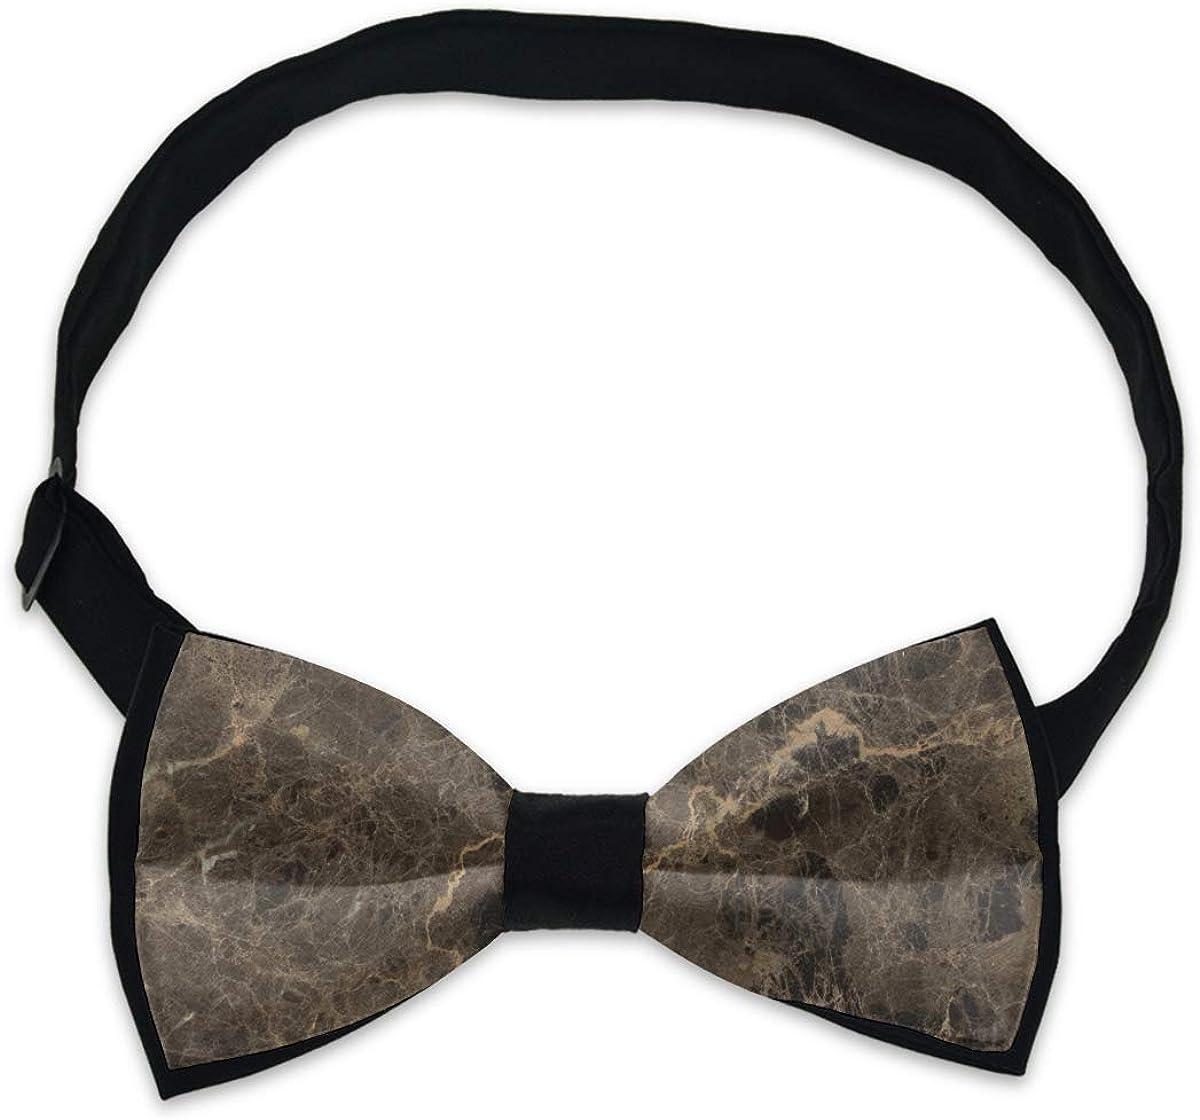 Bowtie, Adjustable Bowties Wedding Party, Formal Events, Necktie